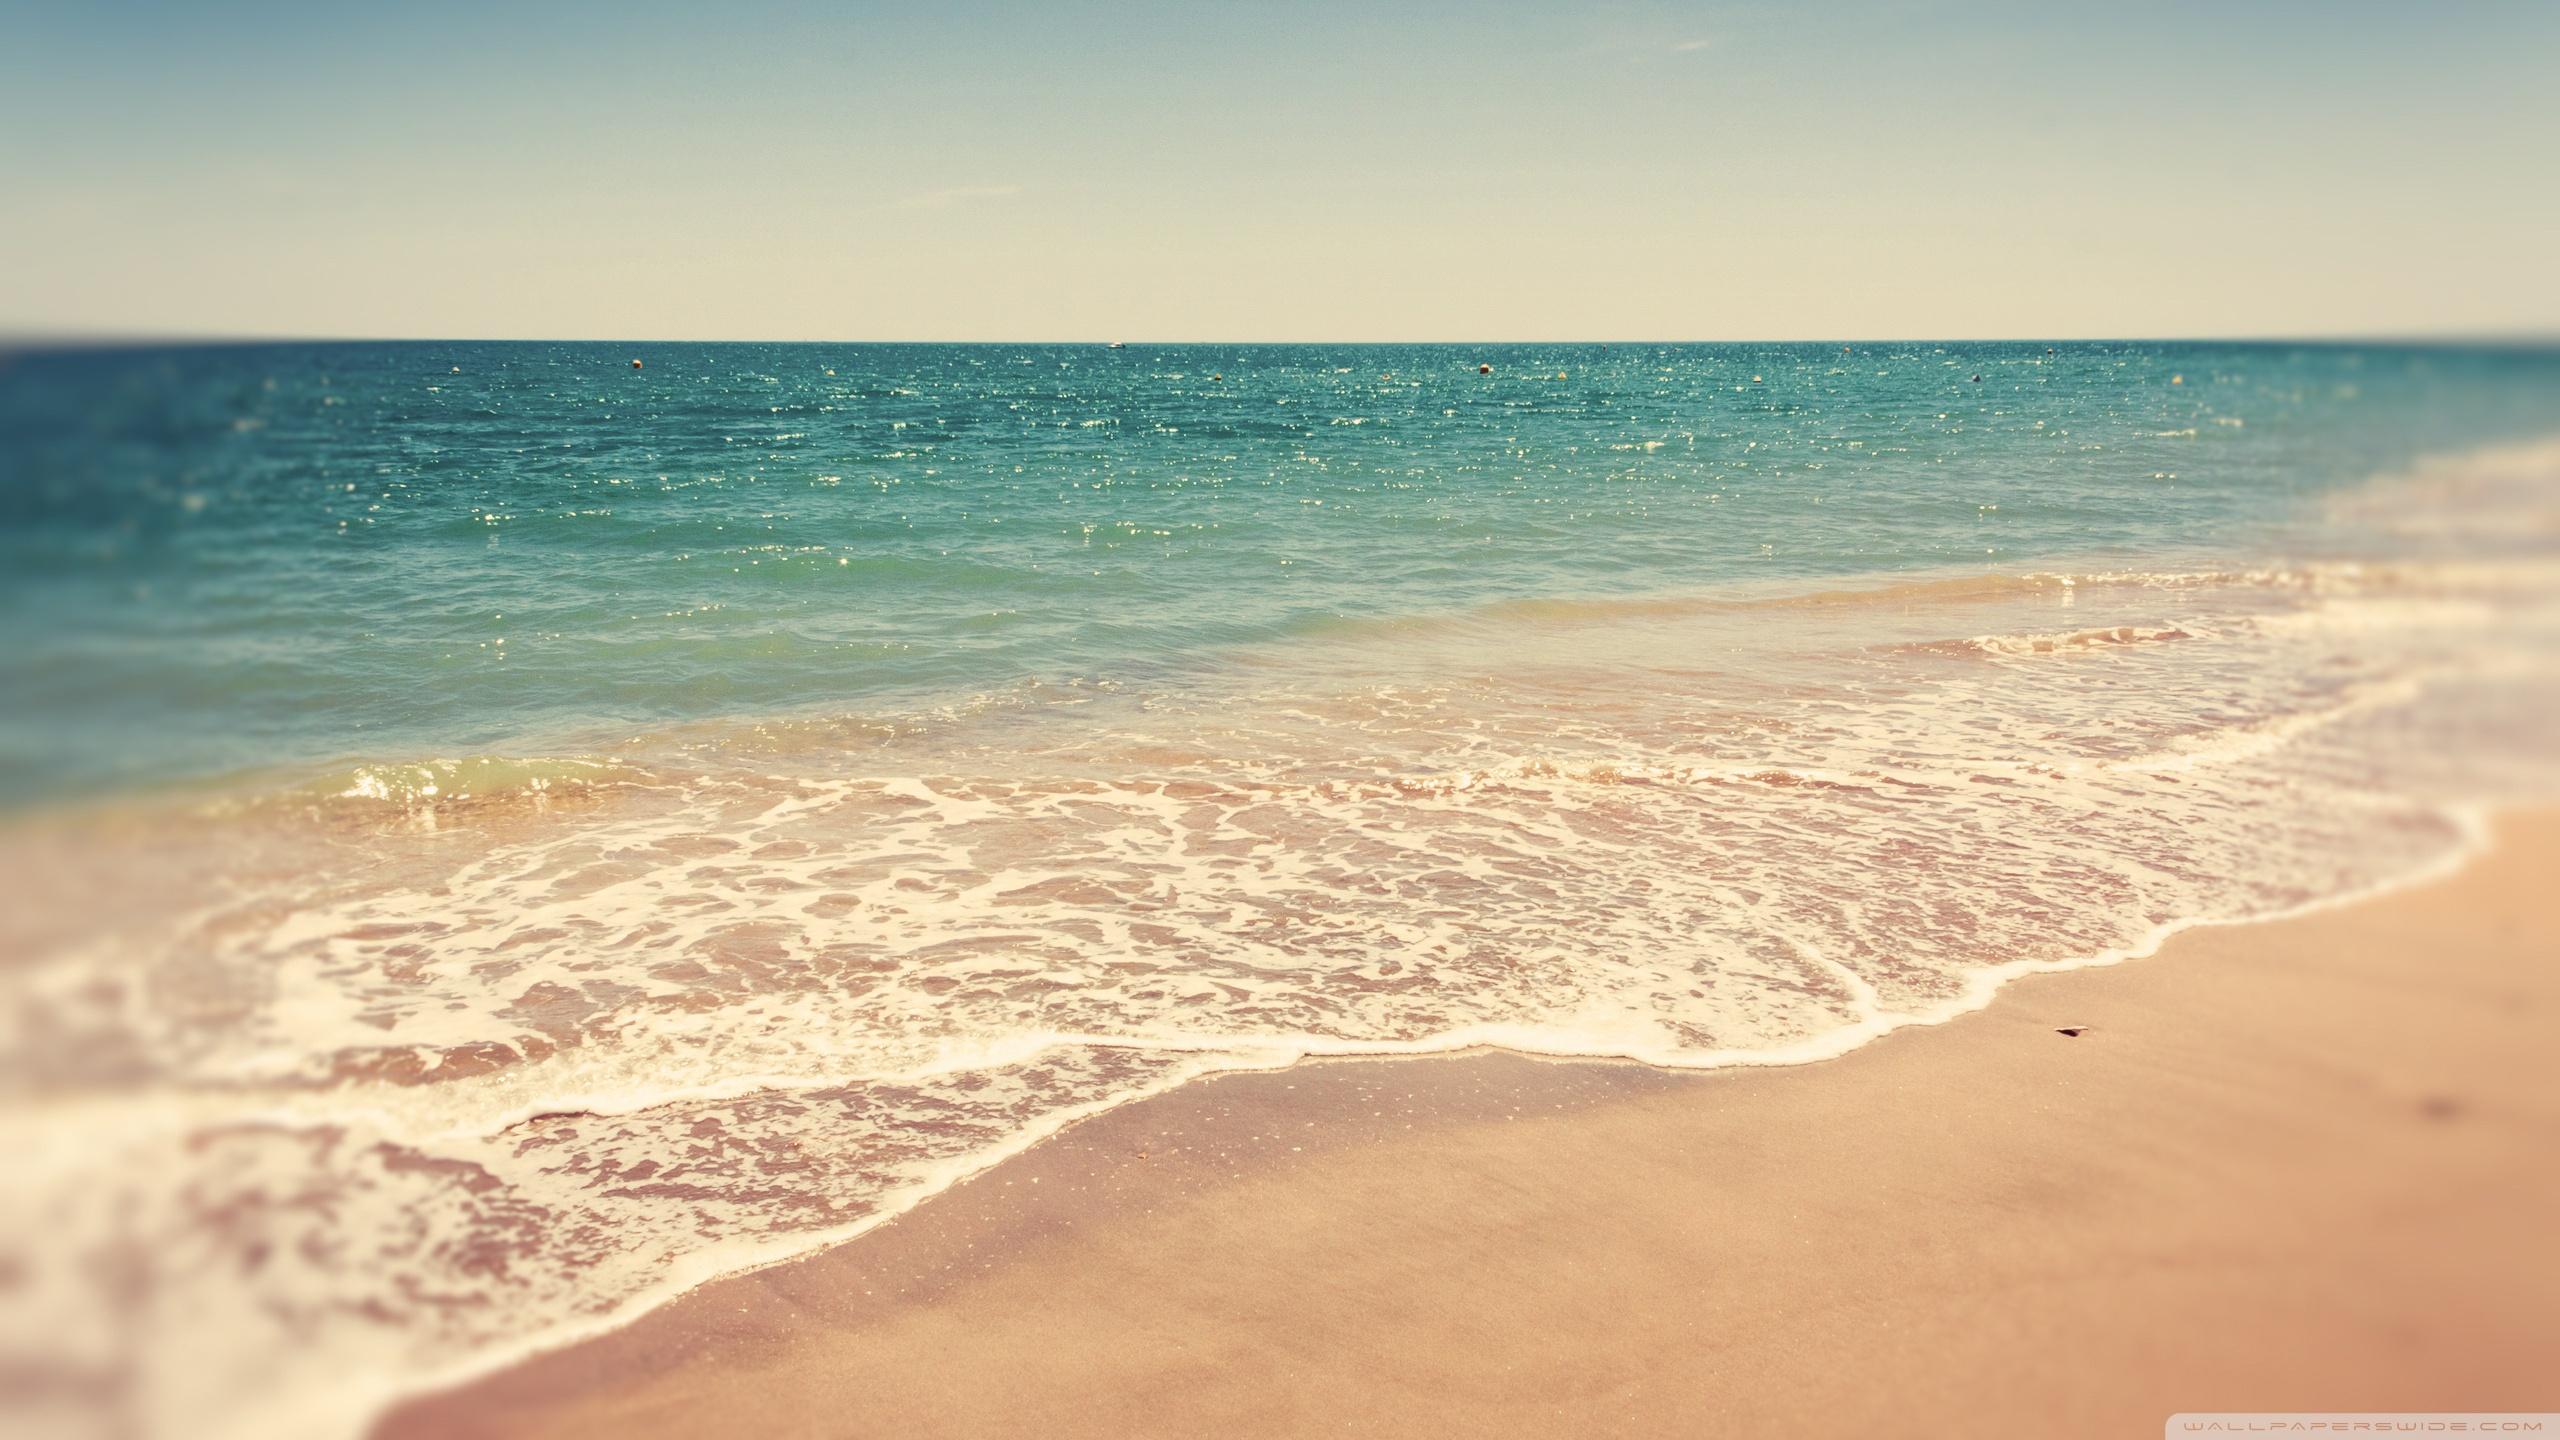 beach_summer-wallpaper-2560x1440.jpg